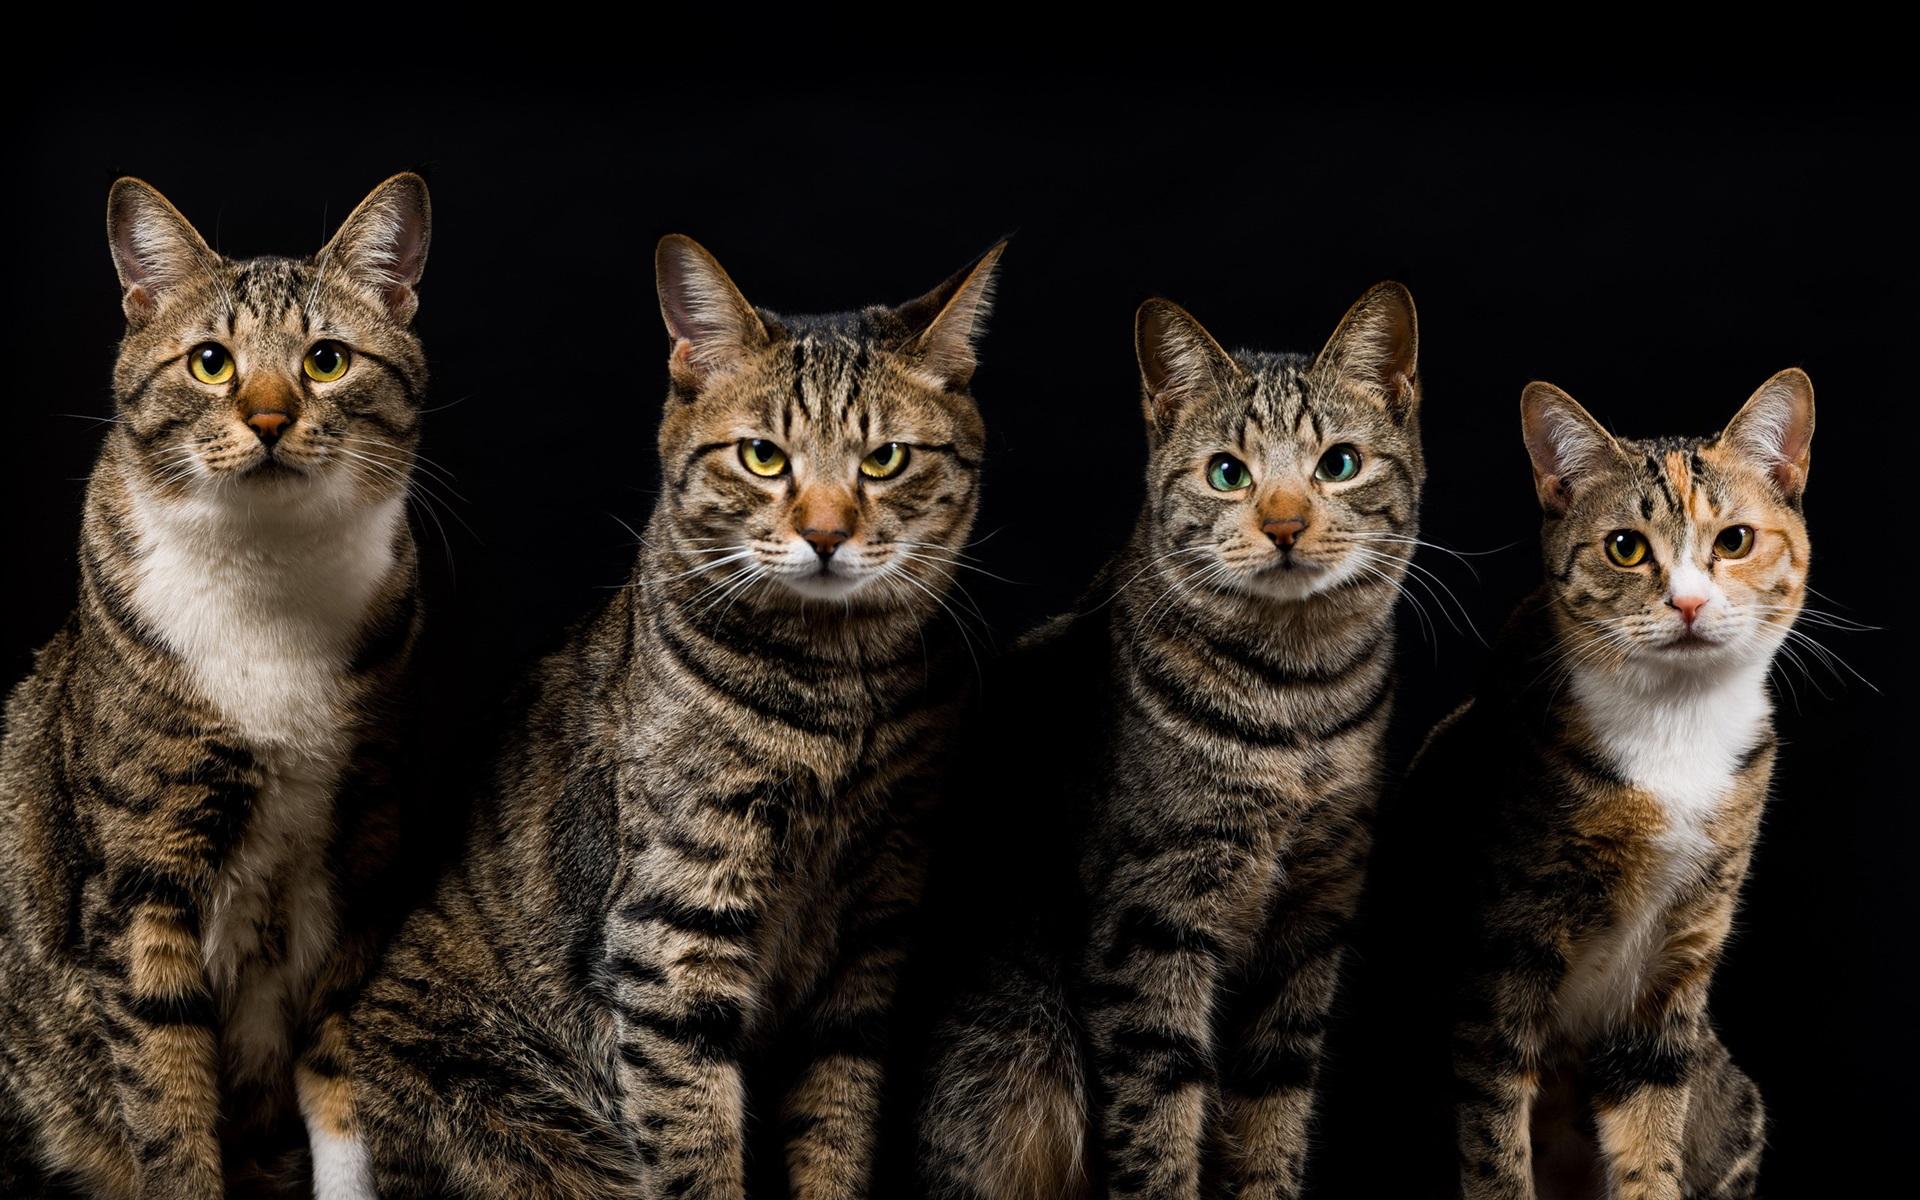 壁纸 动物 猫 猫咪 小猫 桌面 1920_1200图片